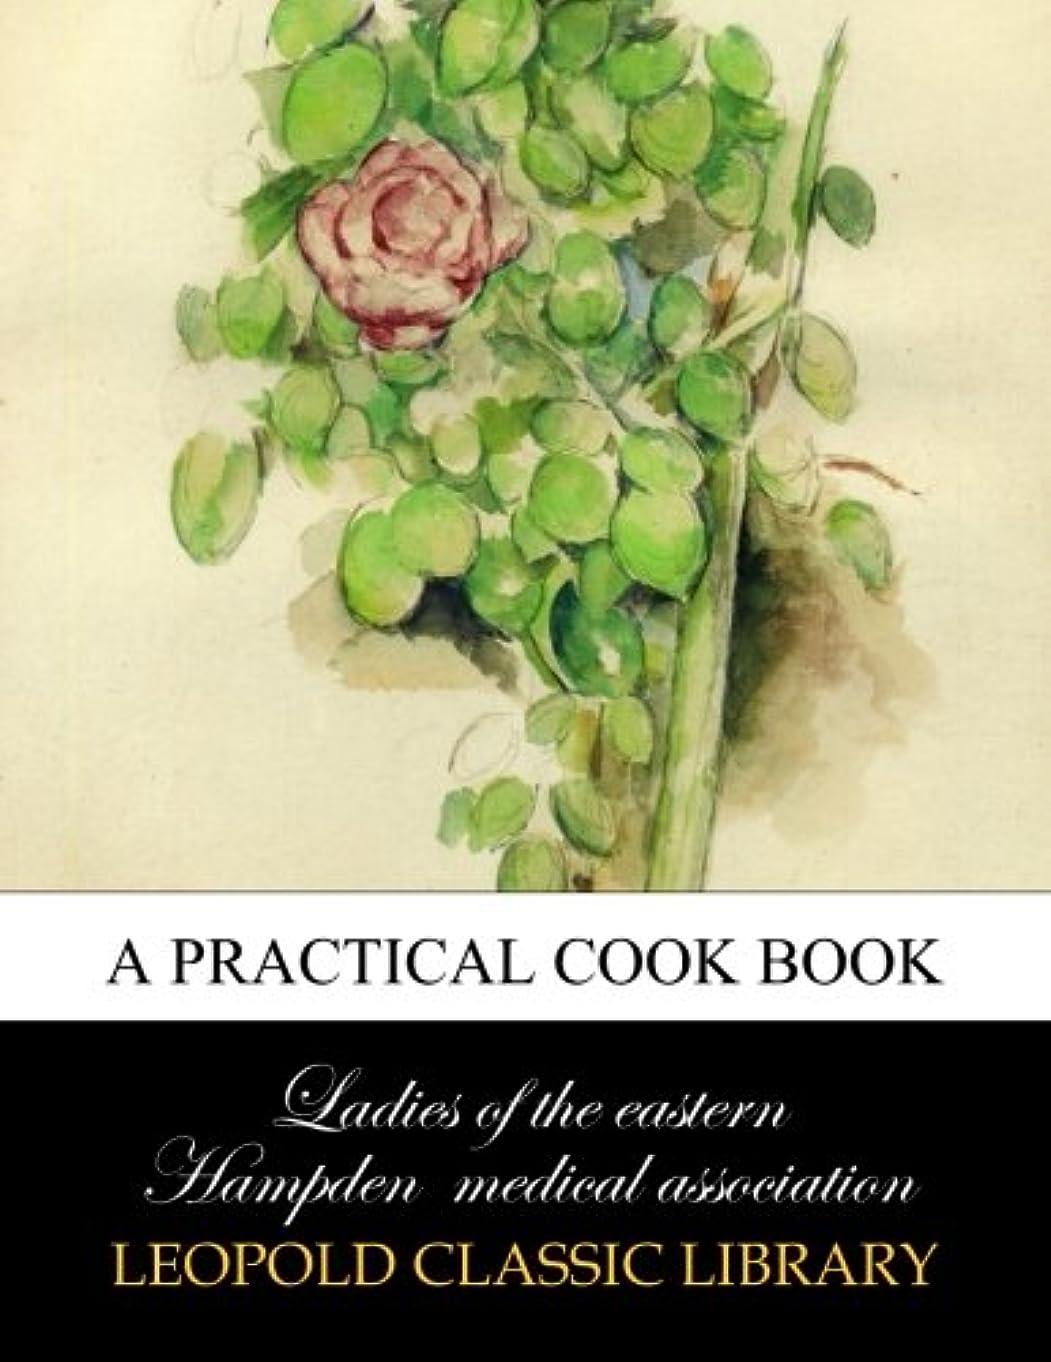 場所フェリー新しい意味A practical cook book